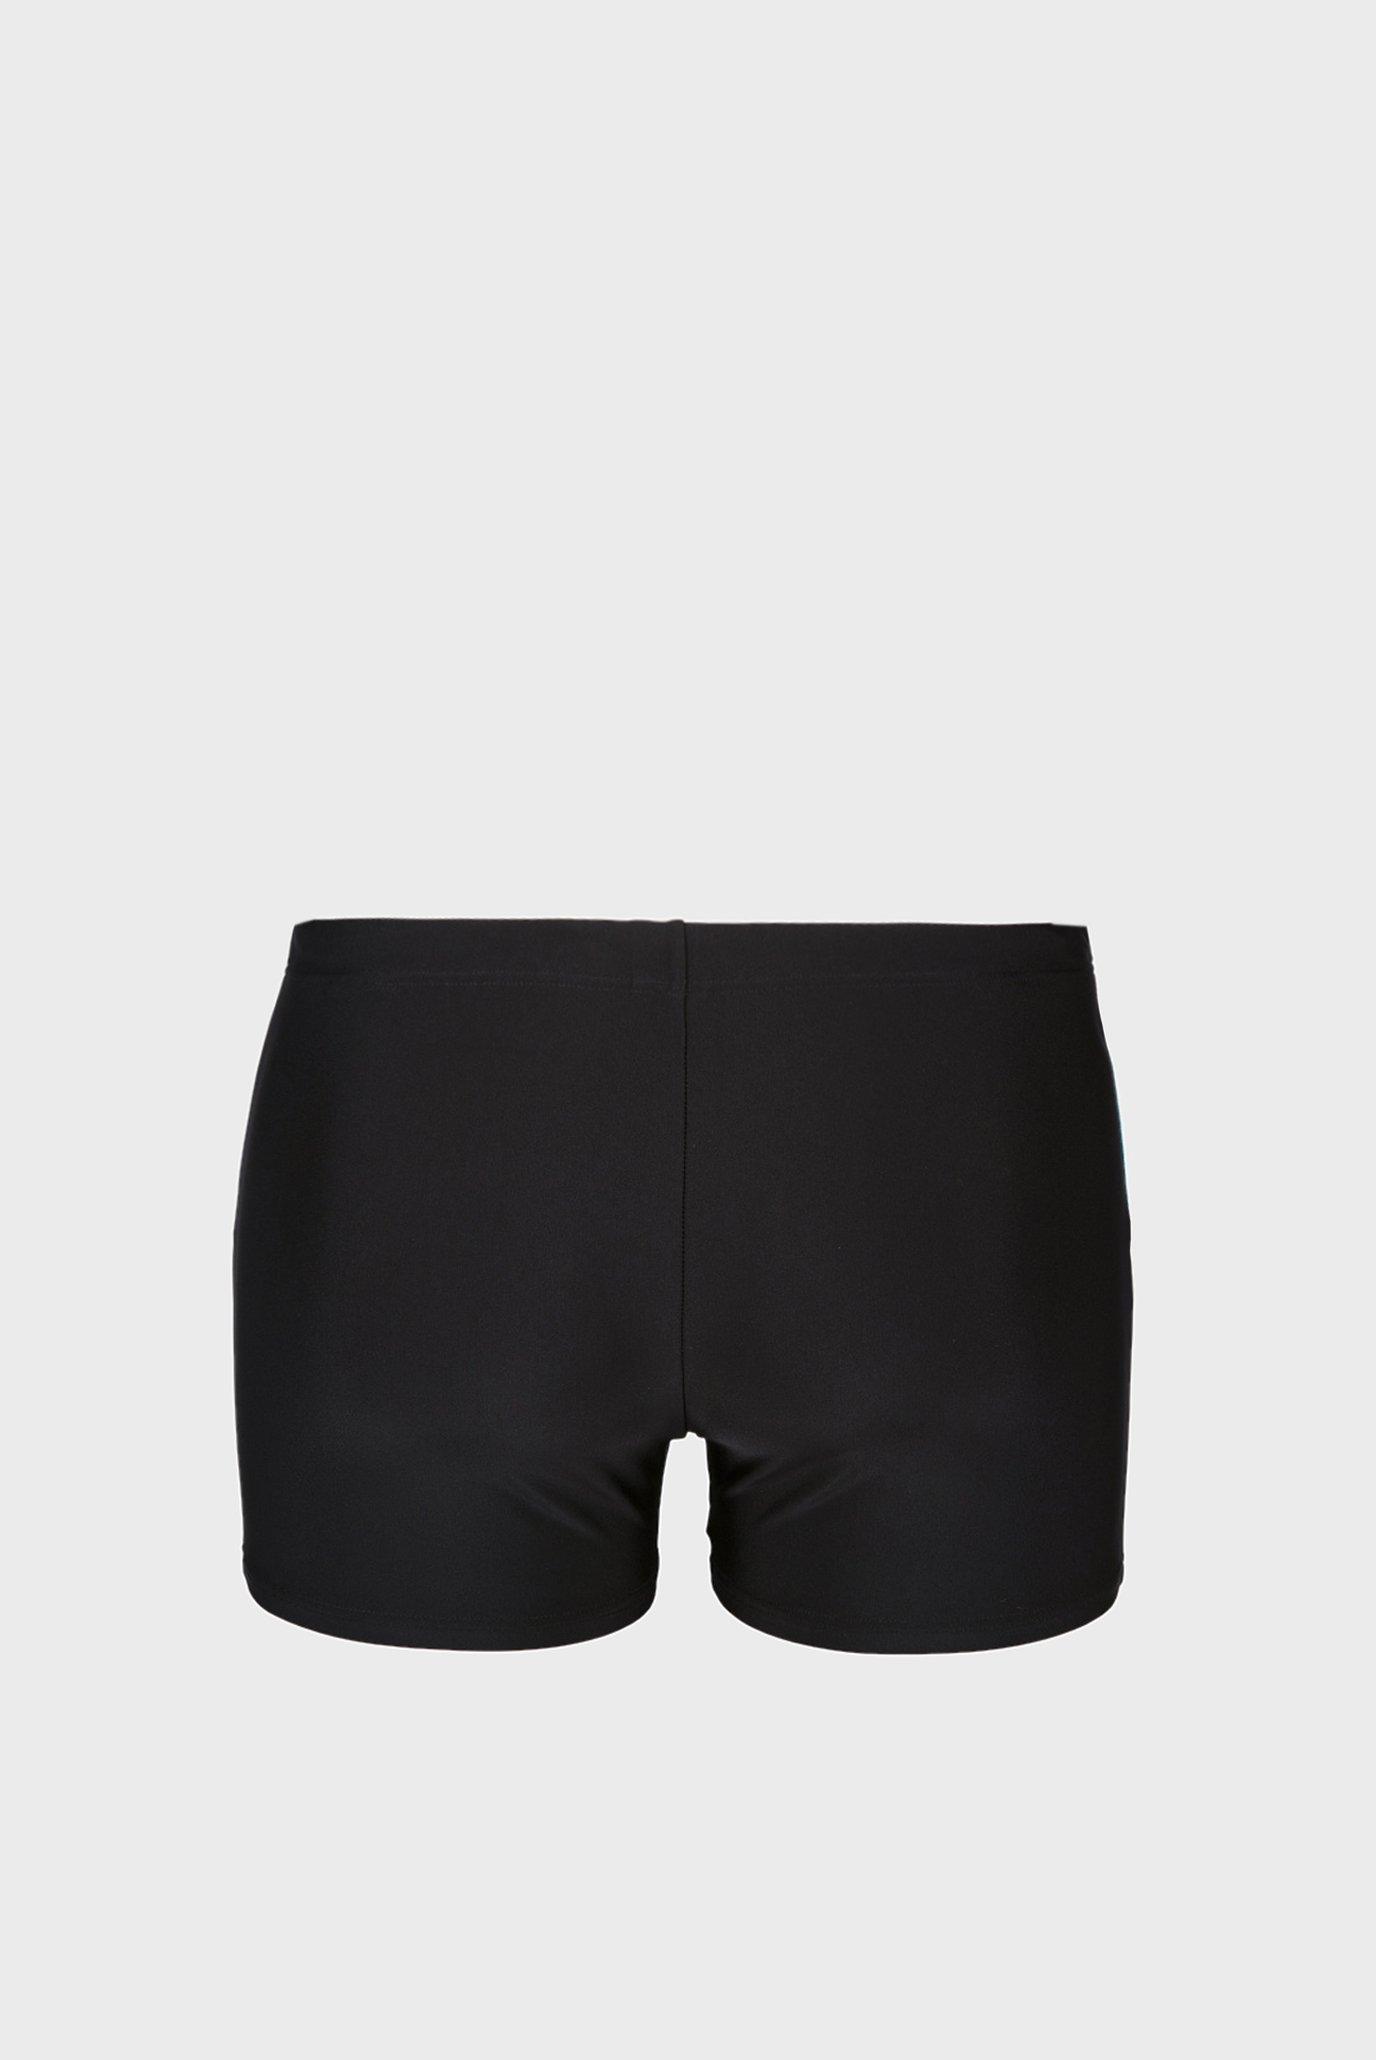 Купить Мужские черные плавки REN SHORT Arena Arena 000991-508 – Киев, Украина. Цены в интернет магазине MD Fashion